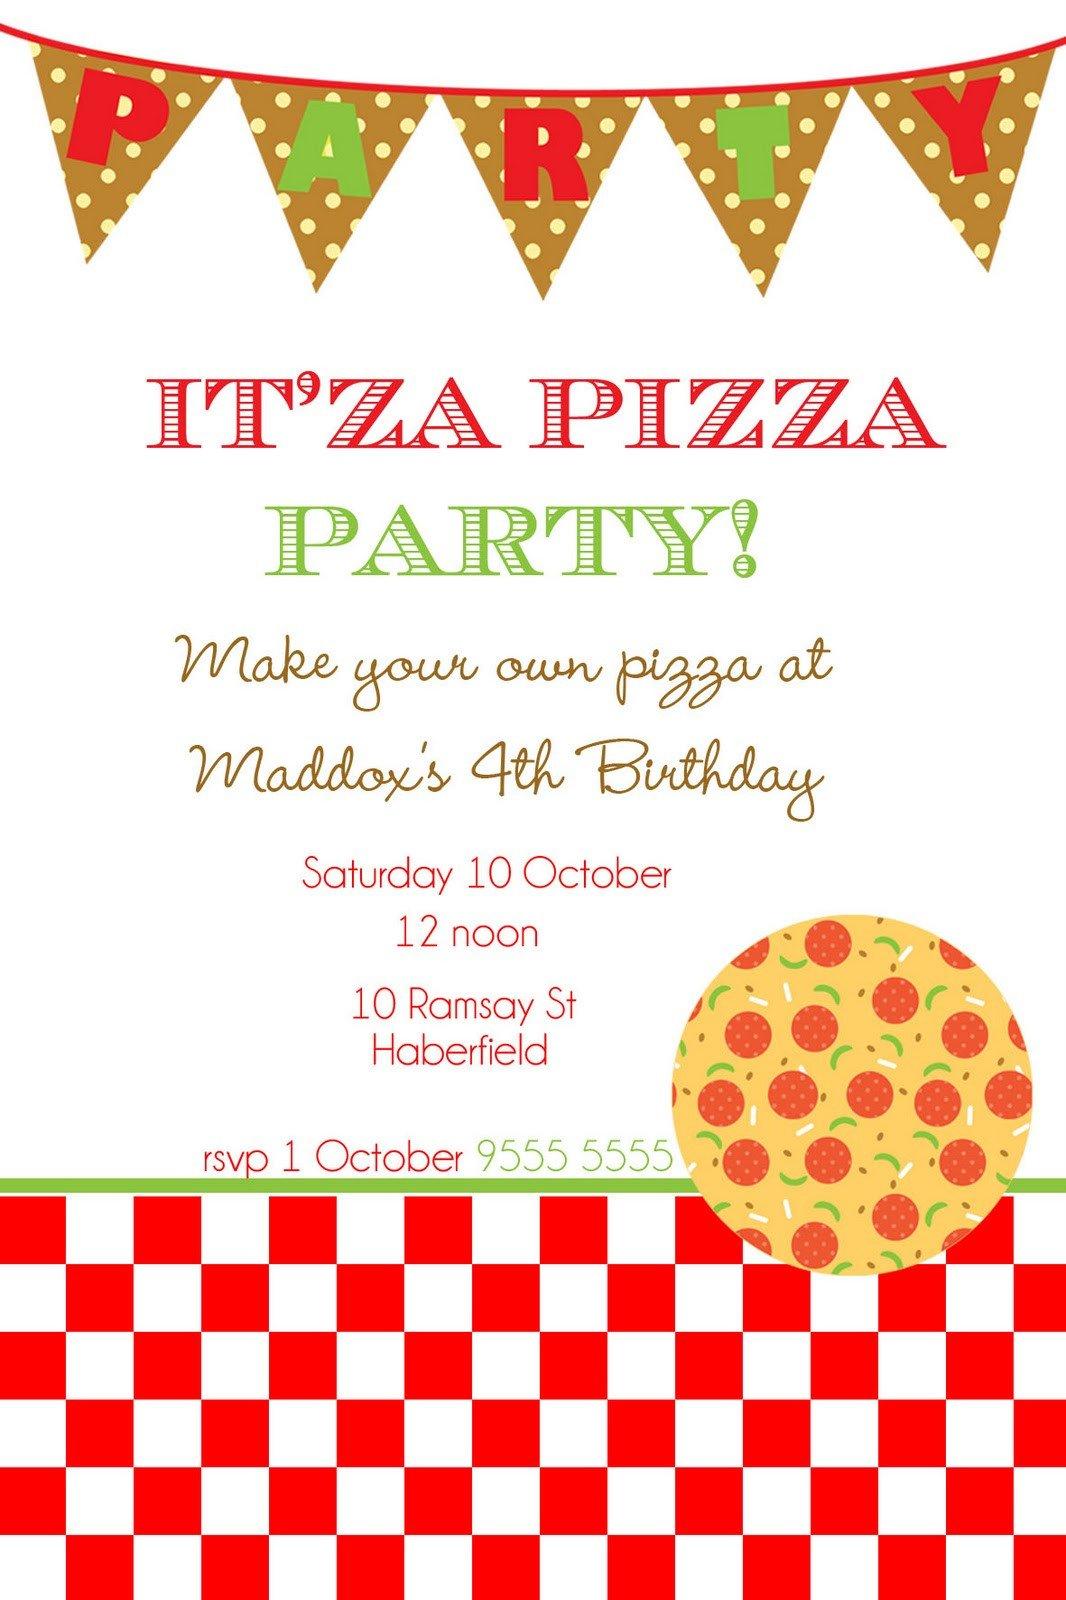 Pizza Party Invite Template Mon Tresor March 2011